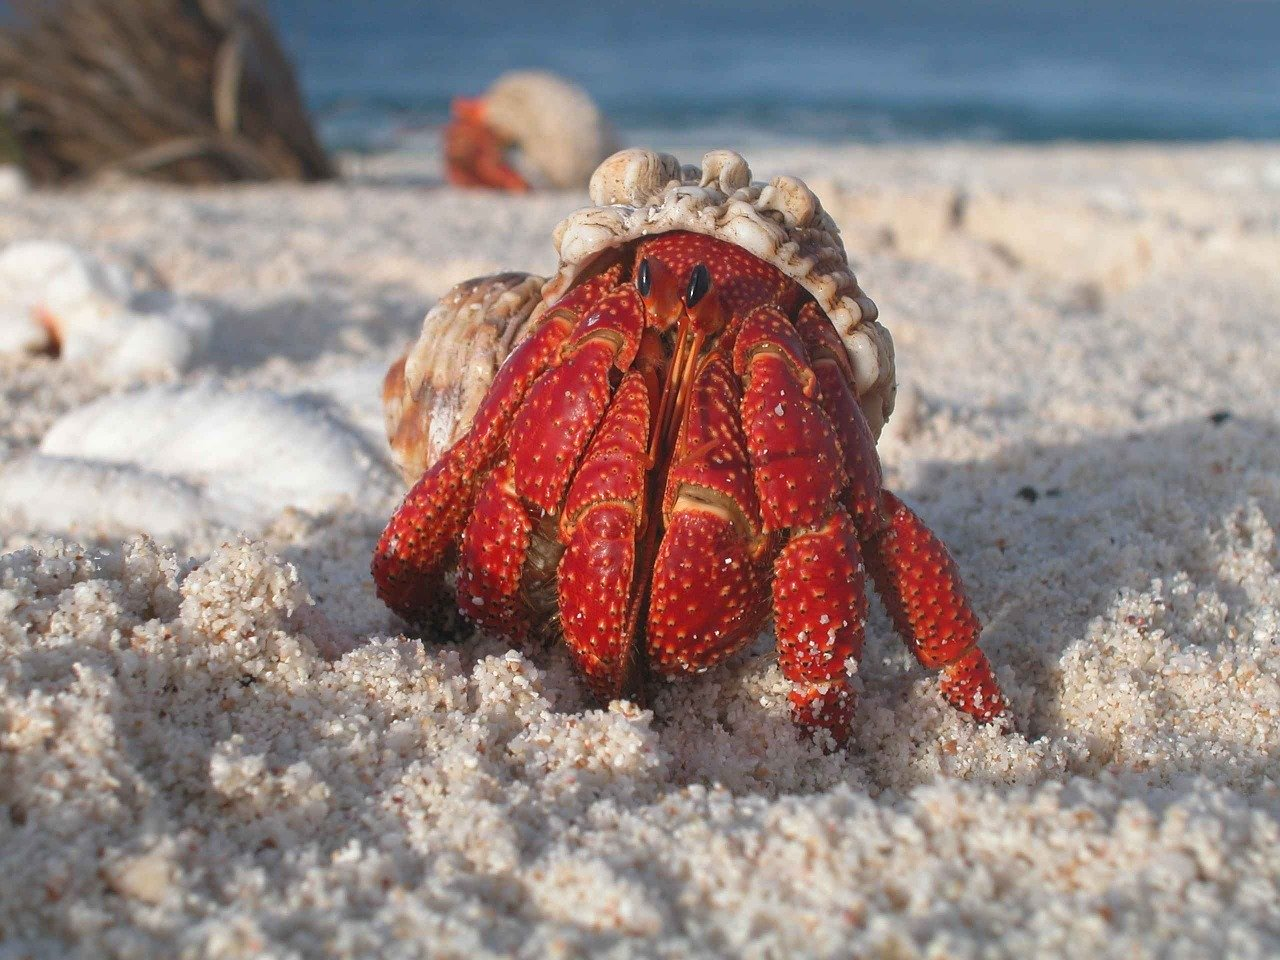 Are hermit crabs dangerous